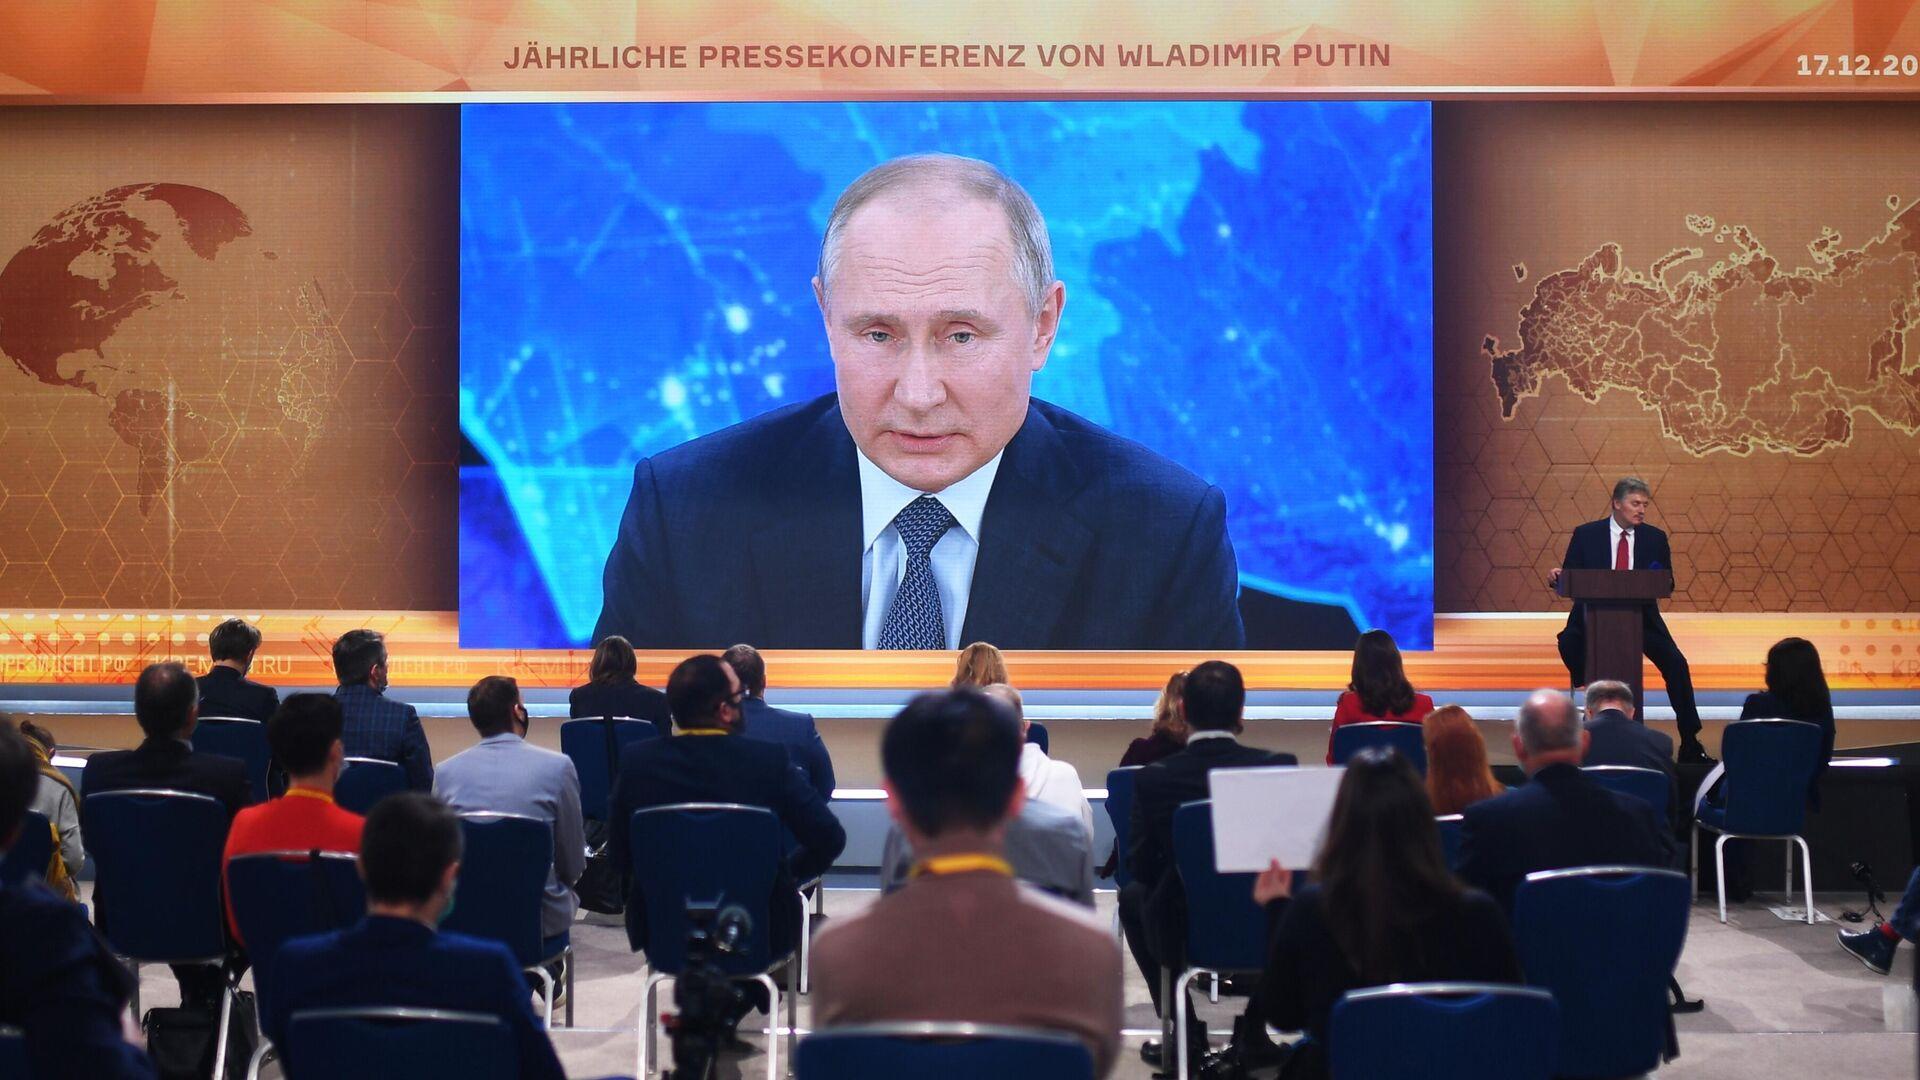 Президент России Владимир Путин в режиме видеоконференции участвует в ежегодной пресс-конференции - РИА Новости, 1920, 21.12.2020